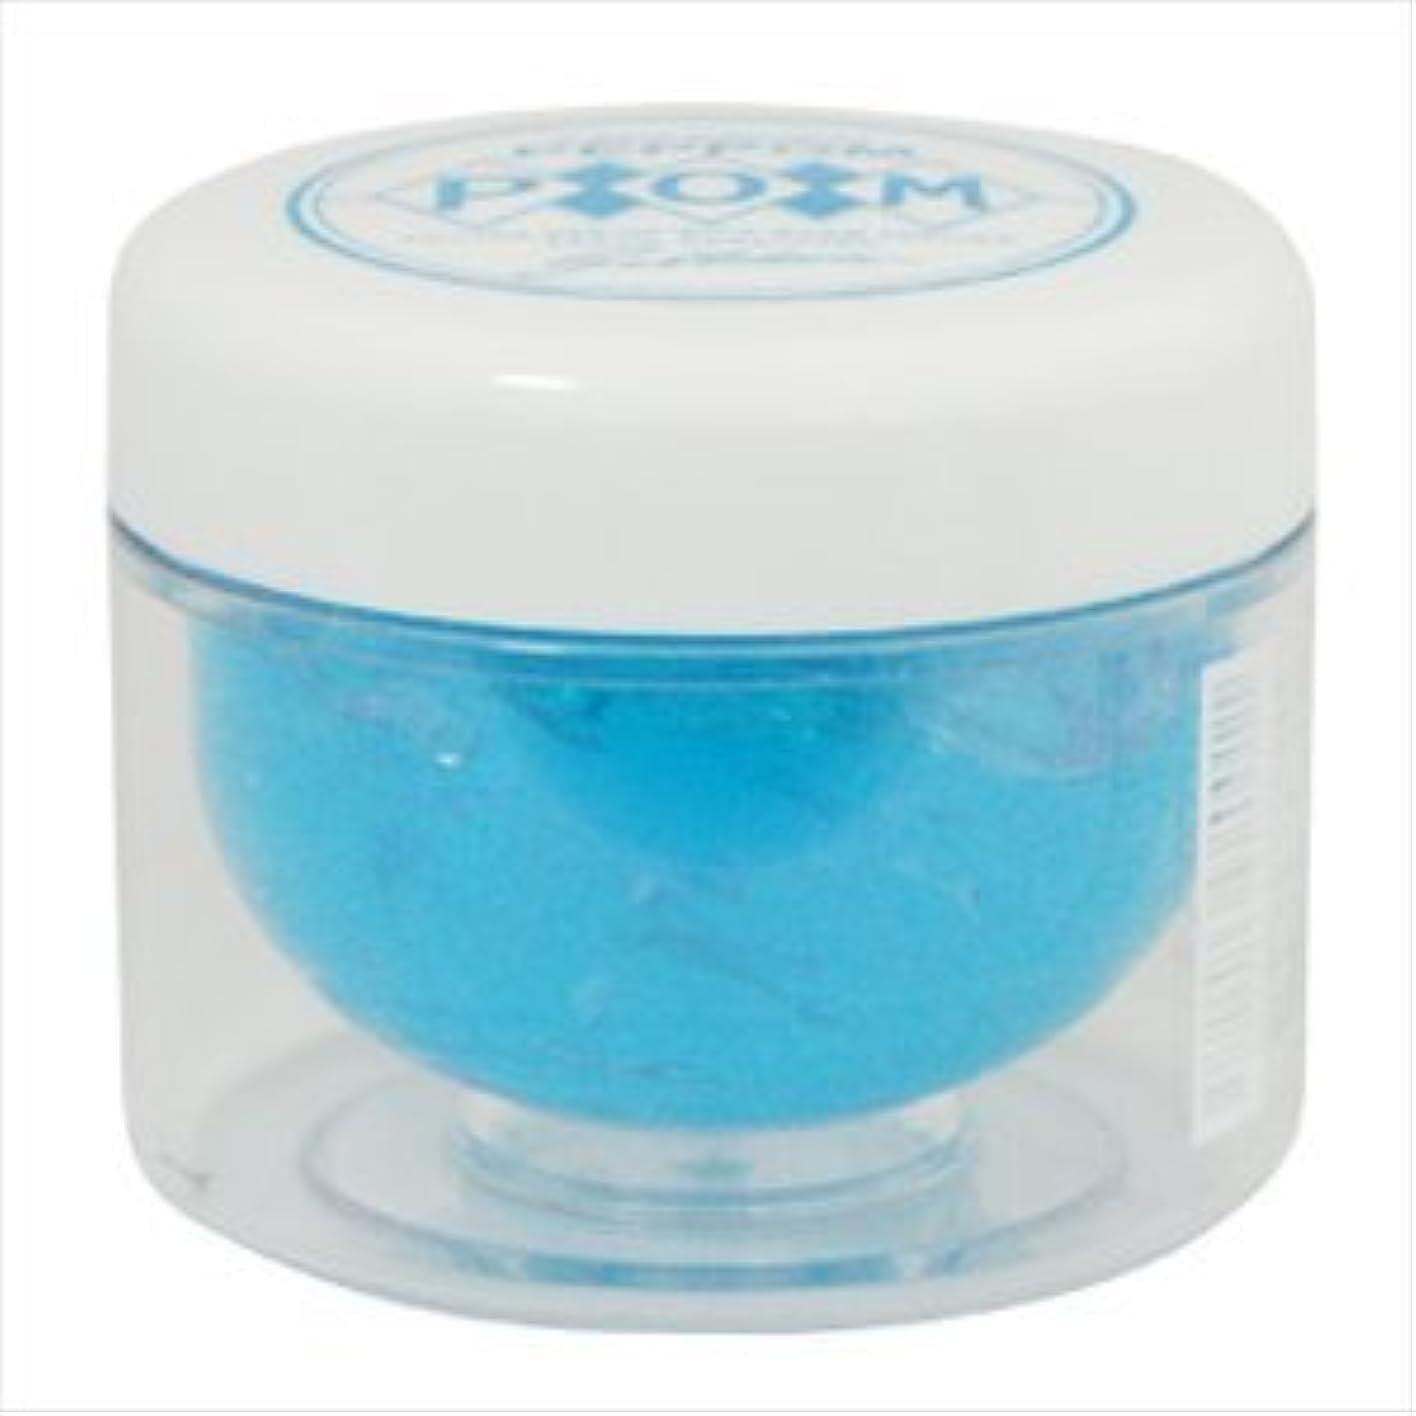 アームストロング虫モジュール水性ポマード ペップポム(PEPPOM) (110g)